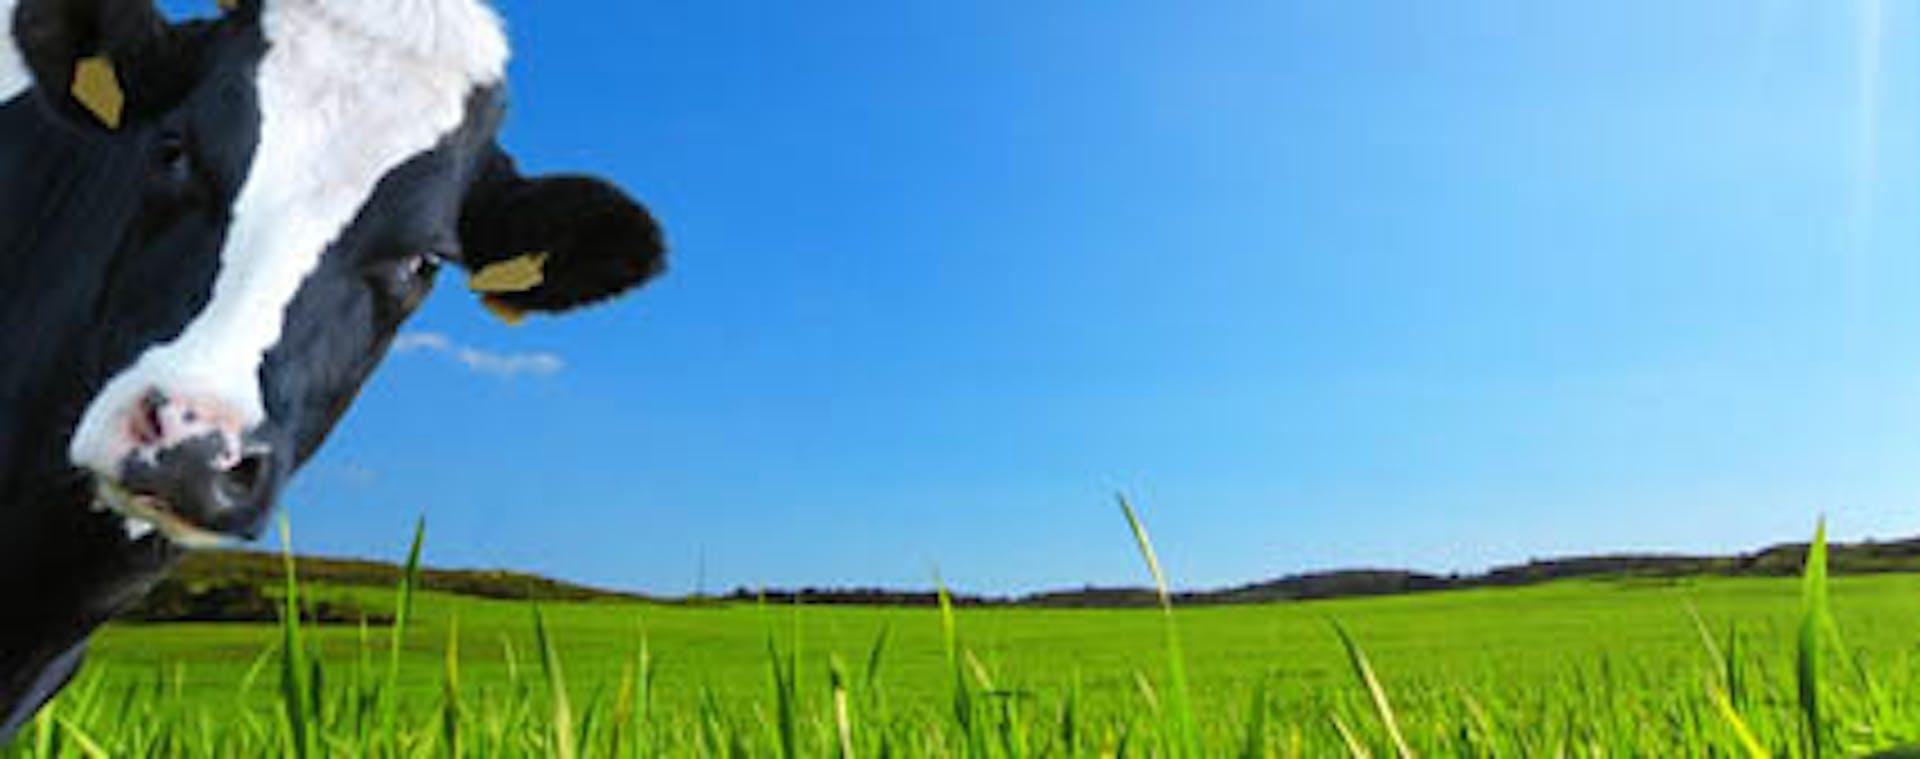 Cow in green field.